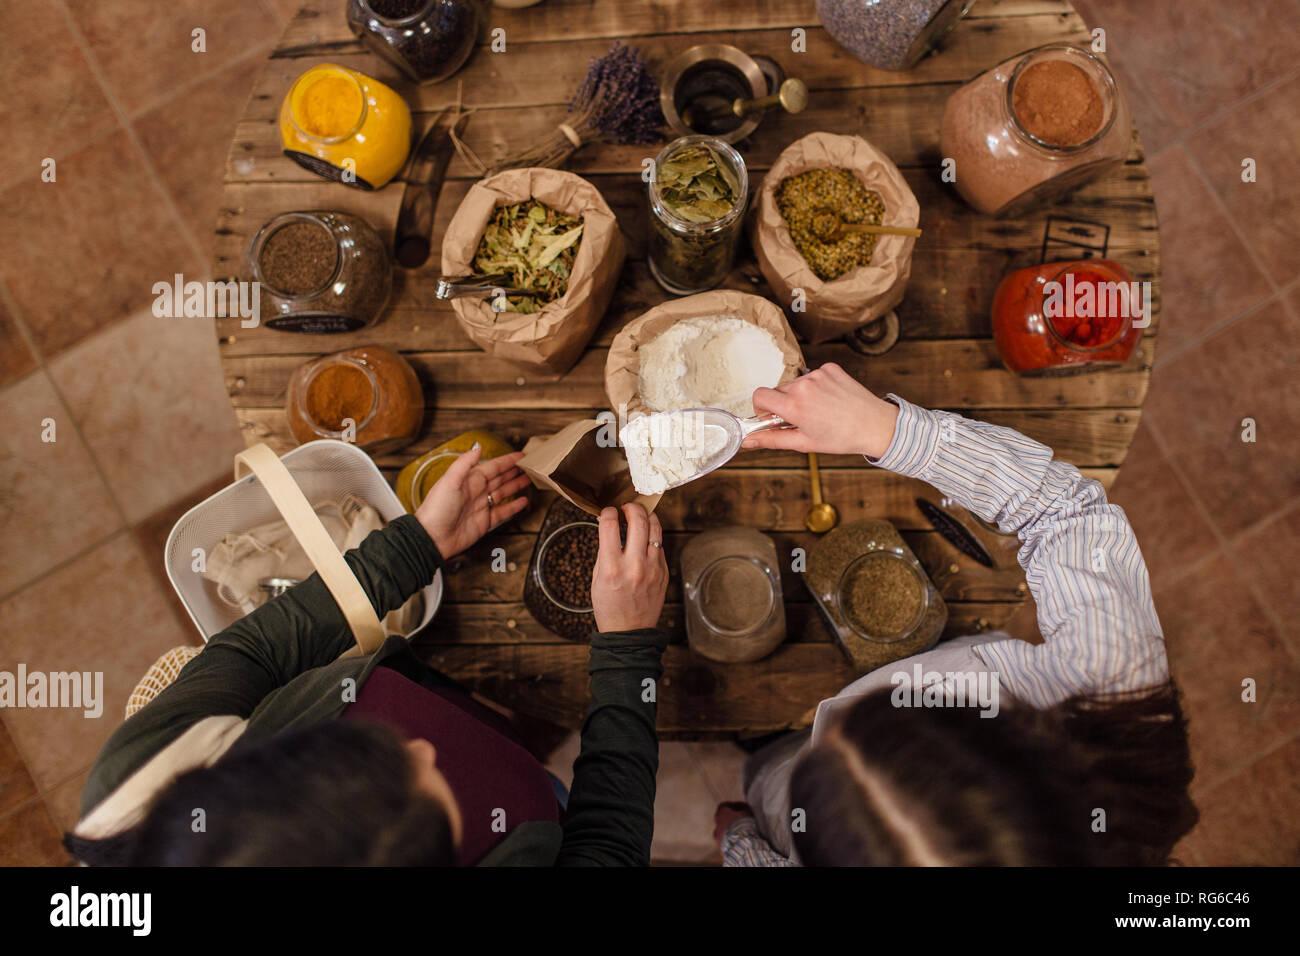 Hohe Betrachtungswinkel von Shop putting Mehl in Papiertüte für Kunden Assistent an Null Abfall Shop. Ansicht von oben. Stockfoto